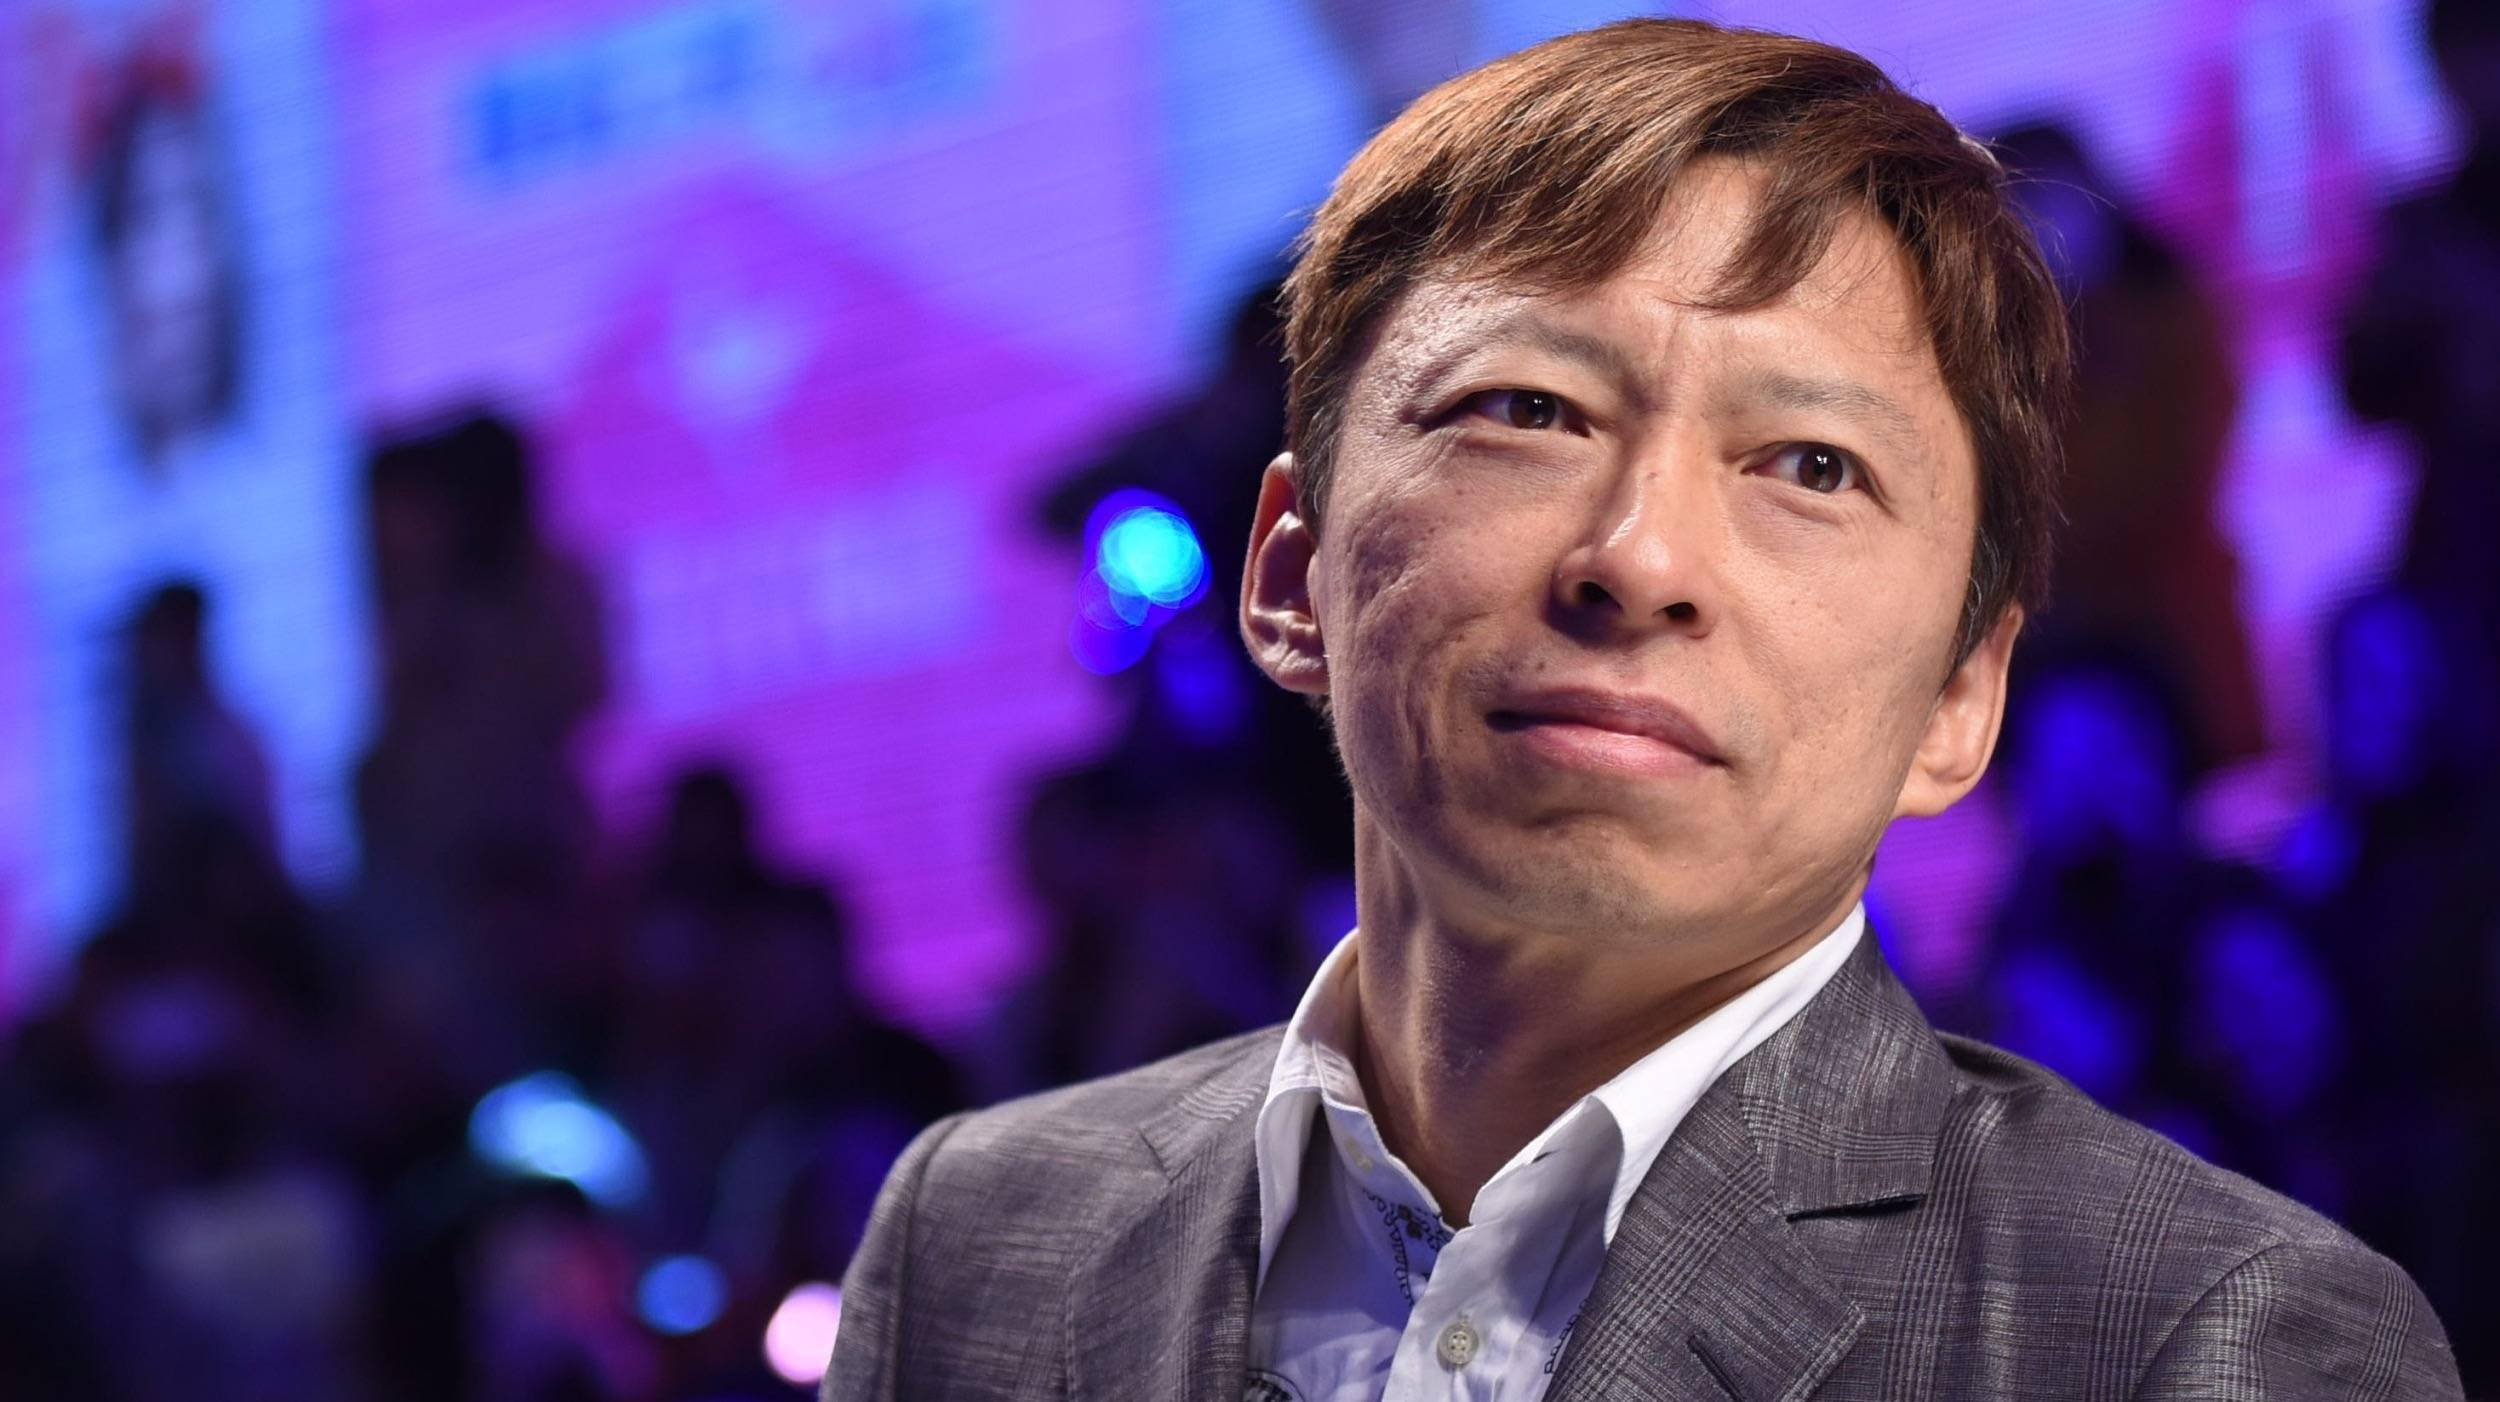 【虎嗅早报】腾讯拟全资收购搜狗;谷歌居家办公延至明年7月